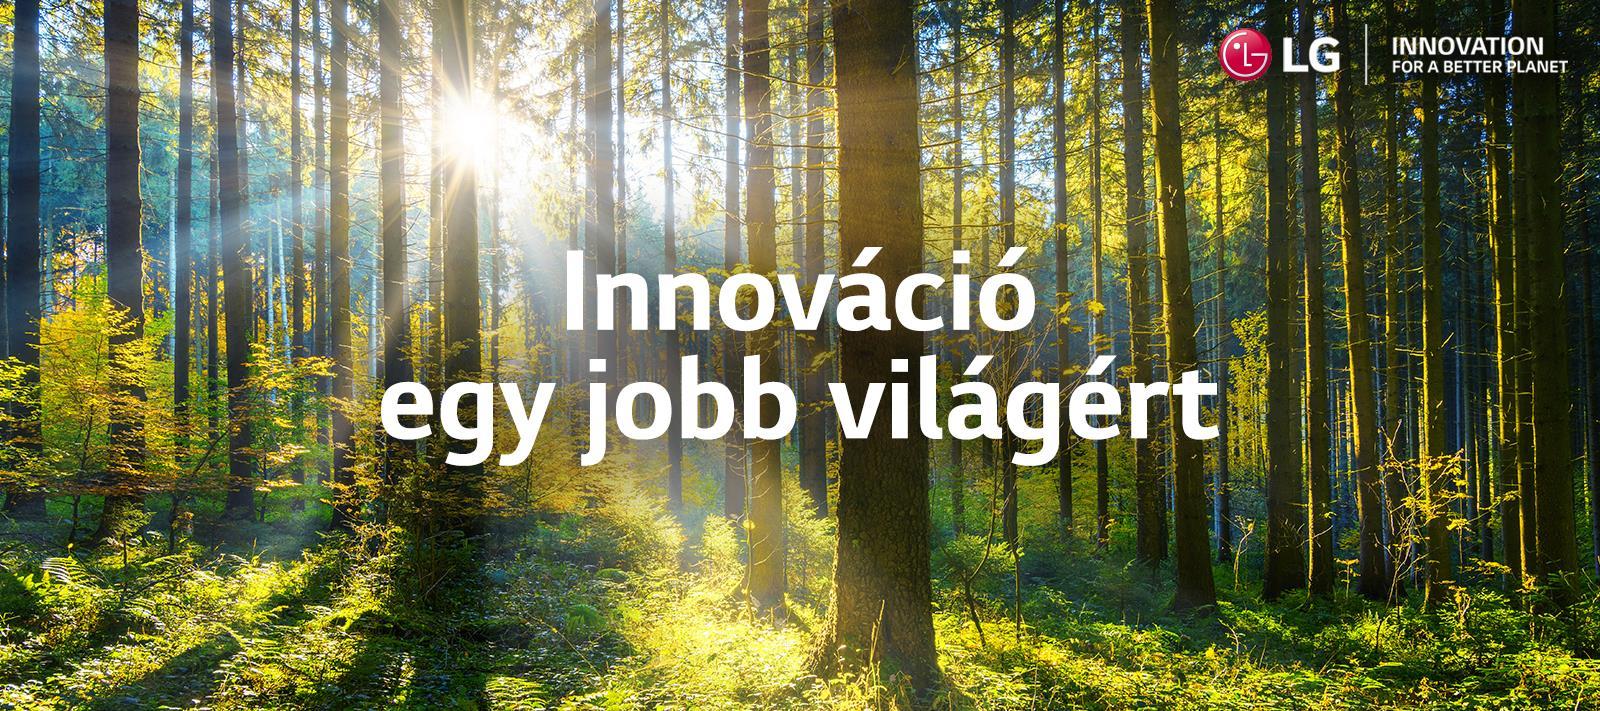 lg_sustainability